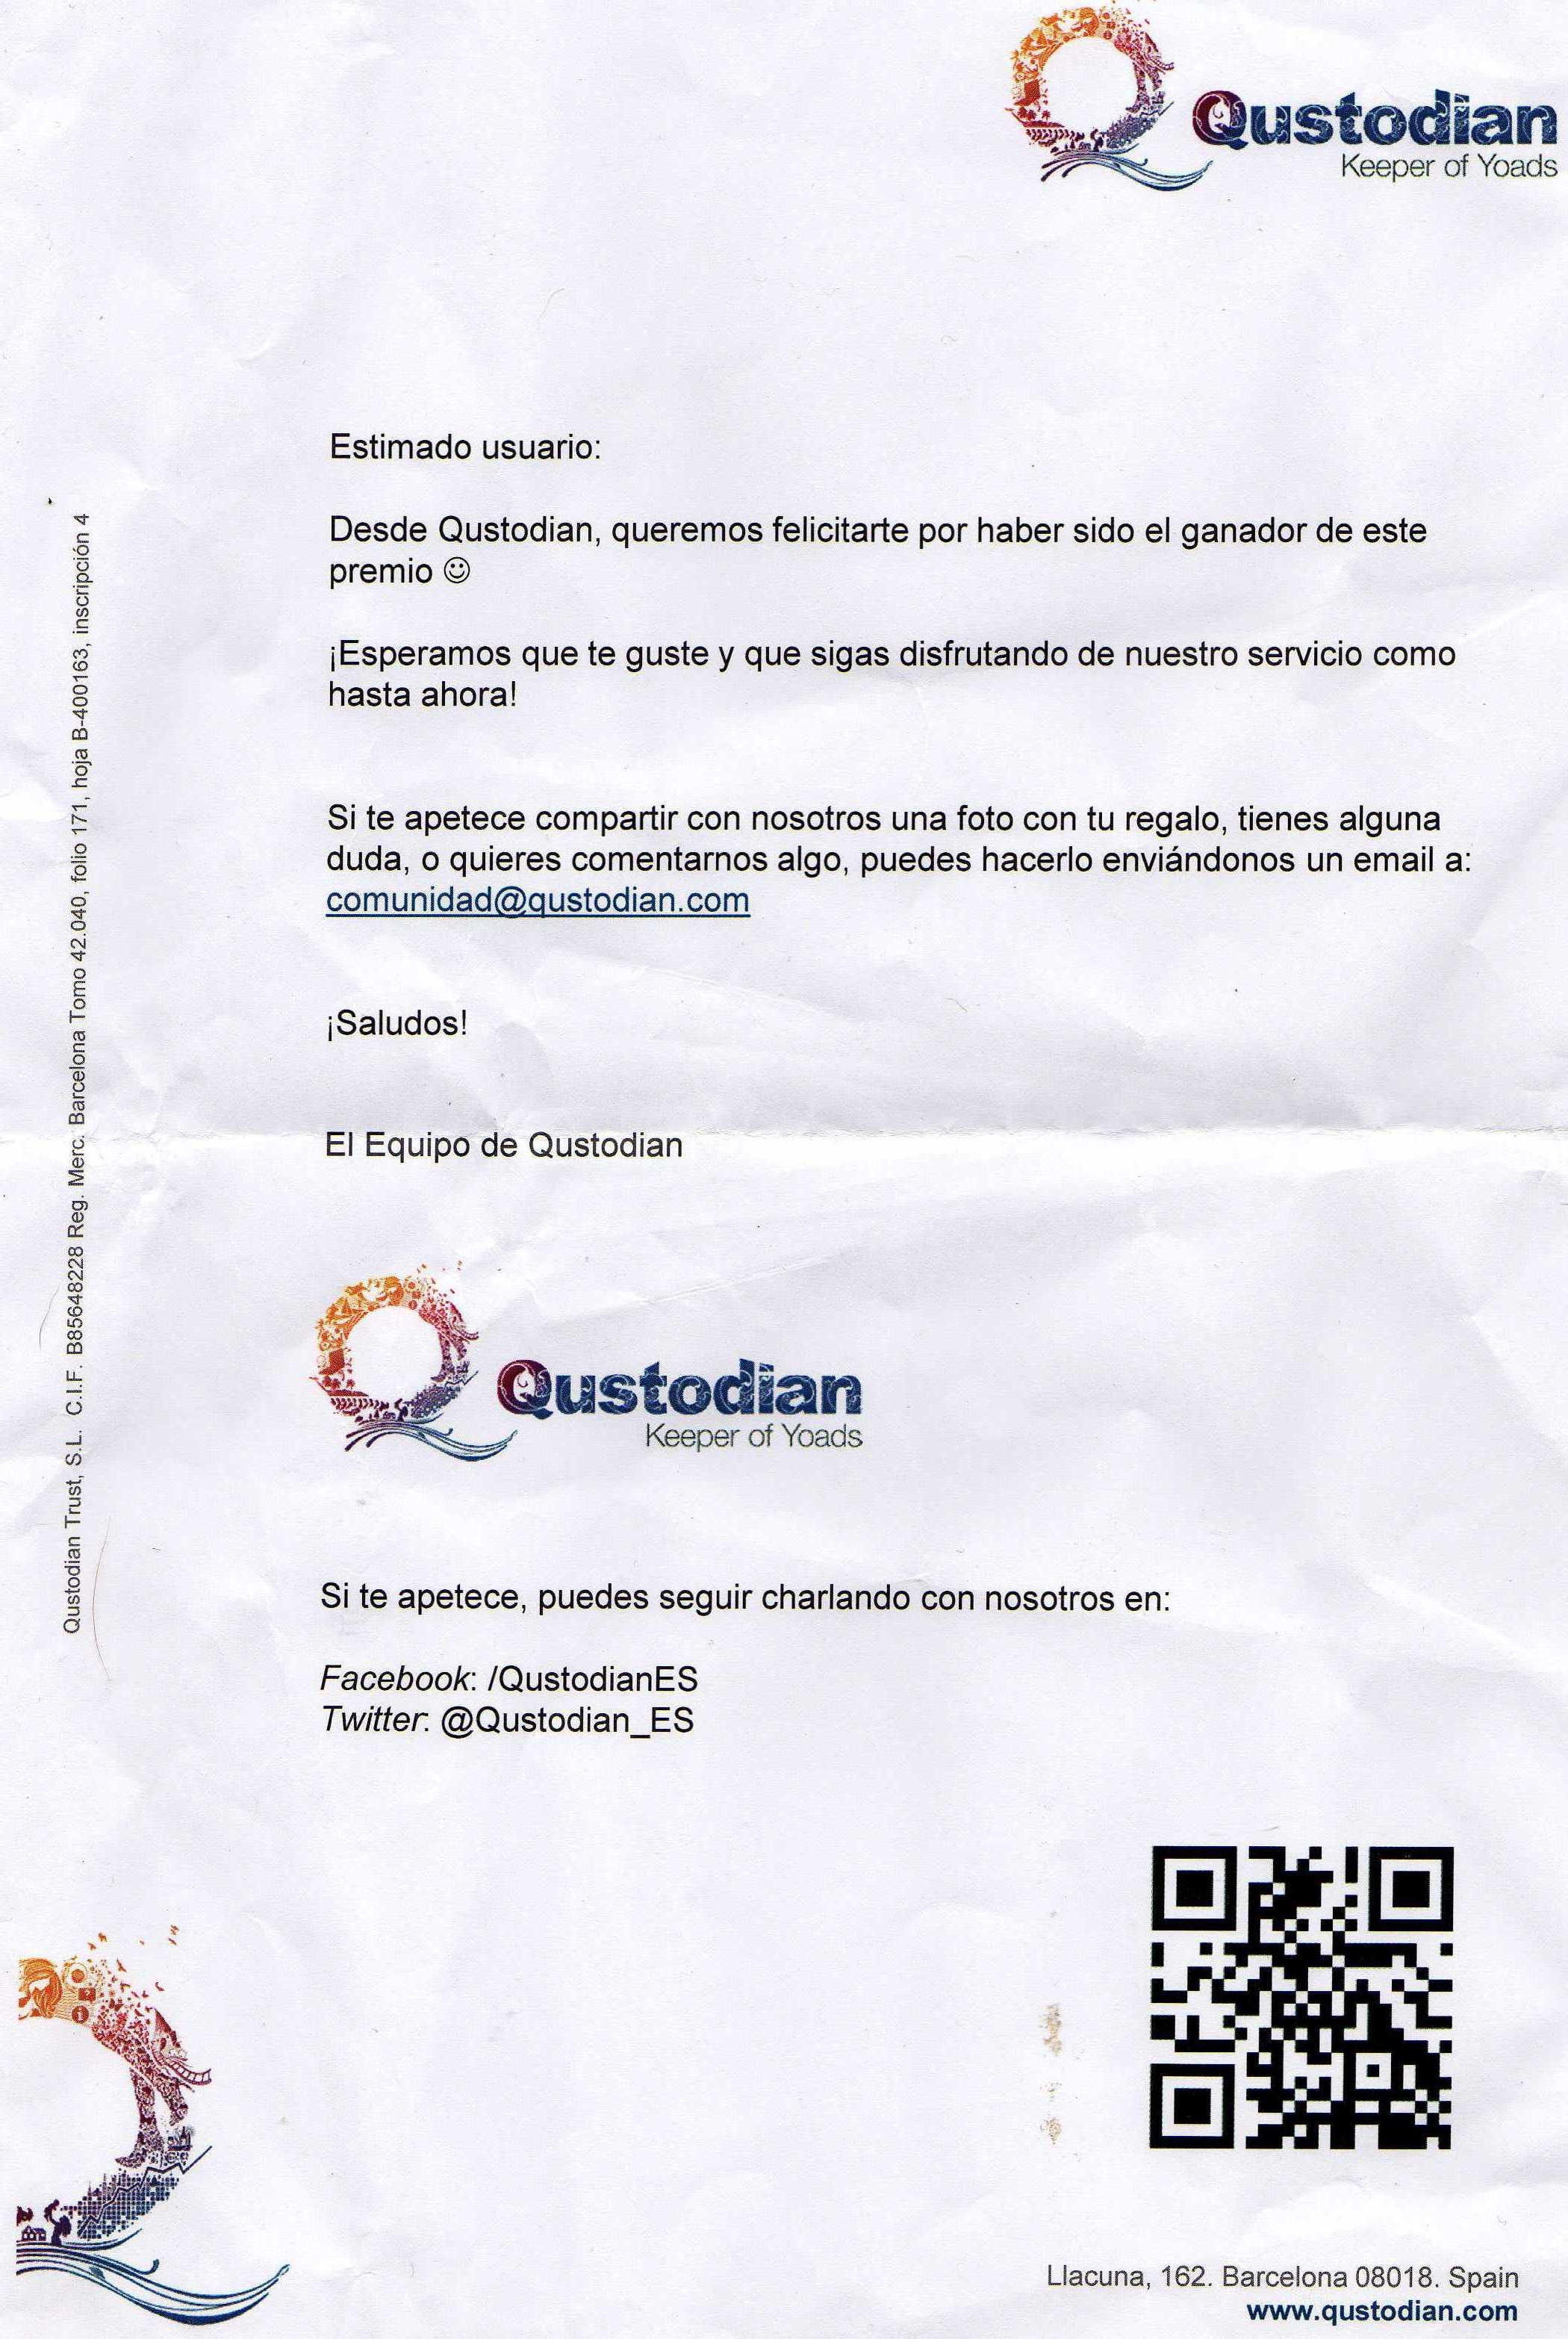 carta qustodian